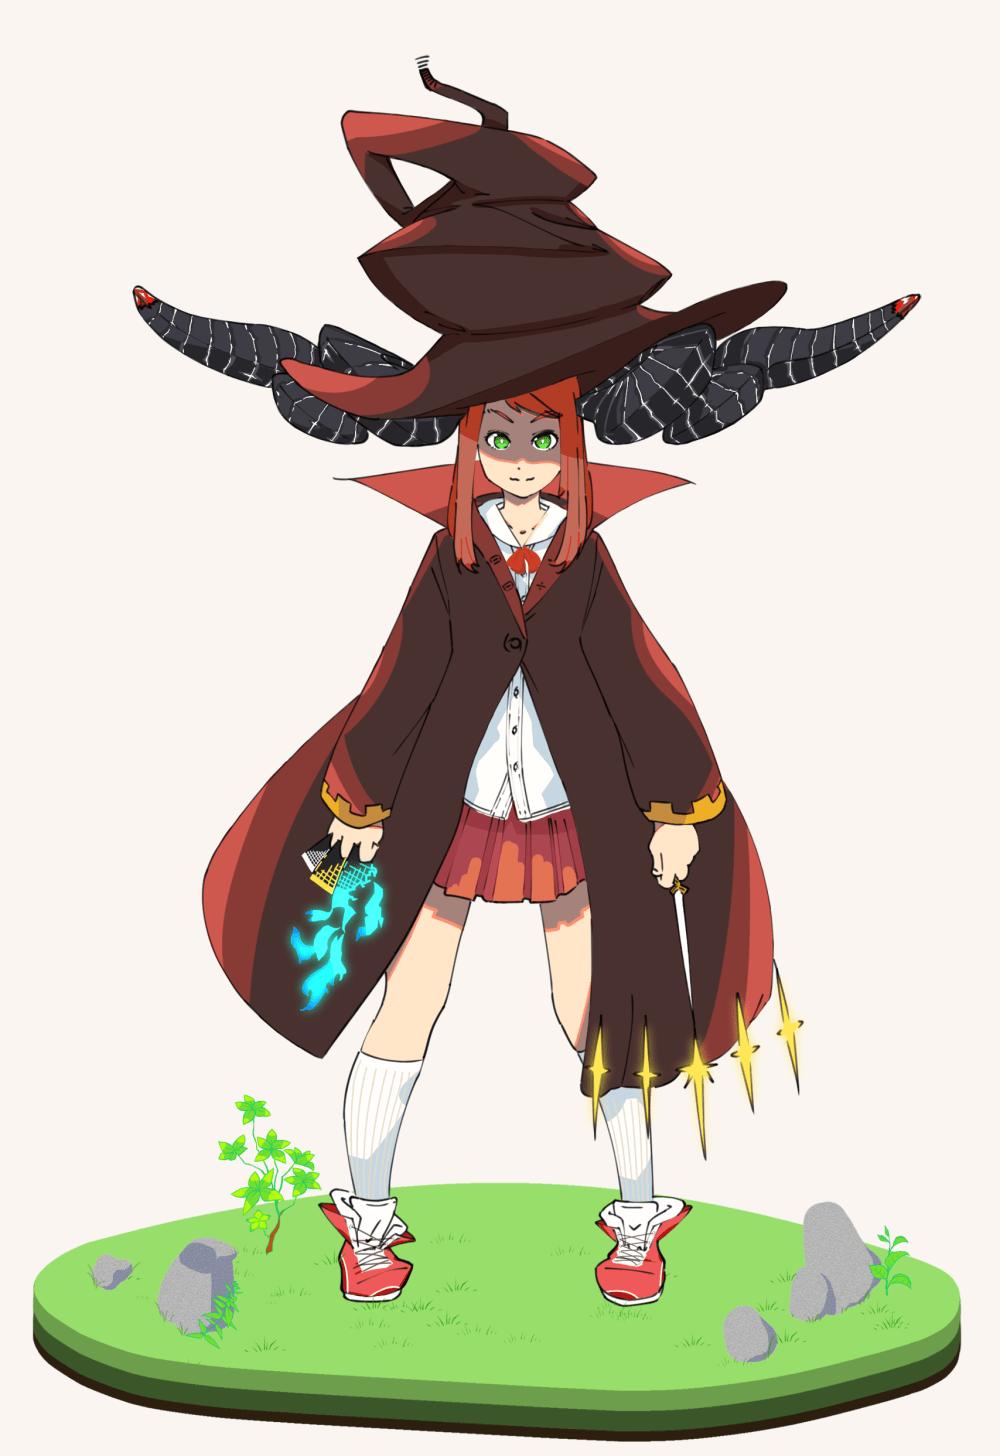 ツノの魔女